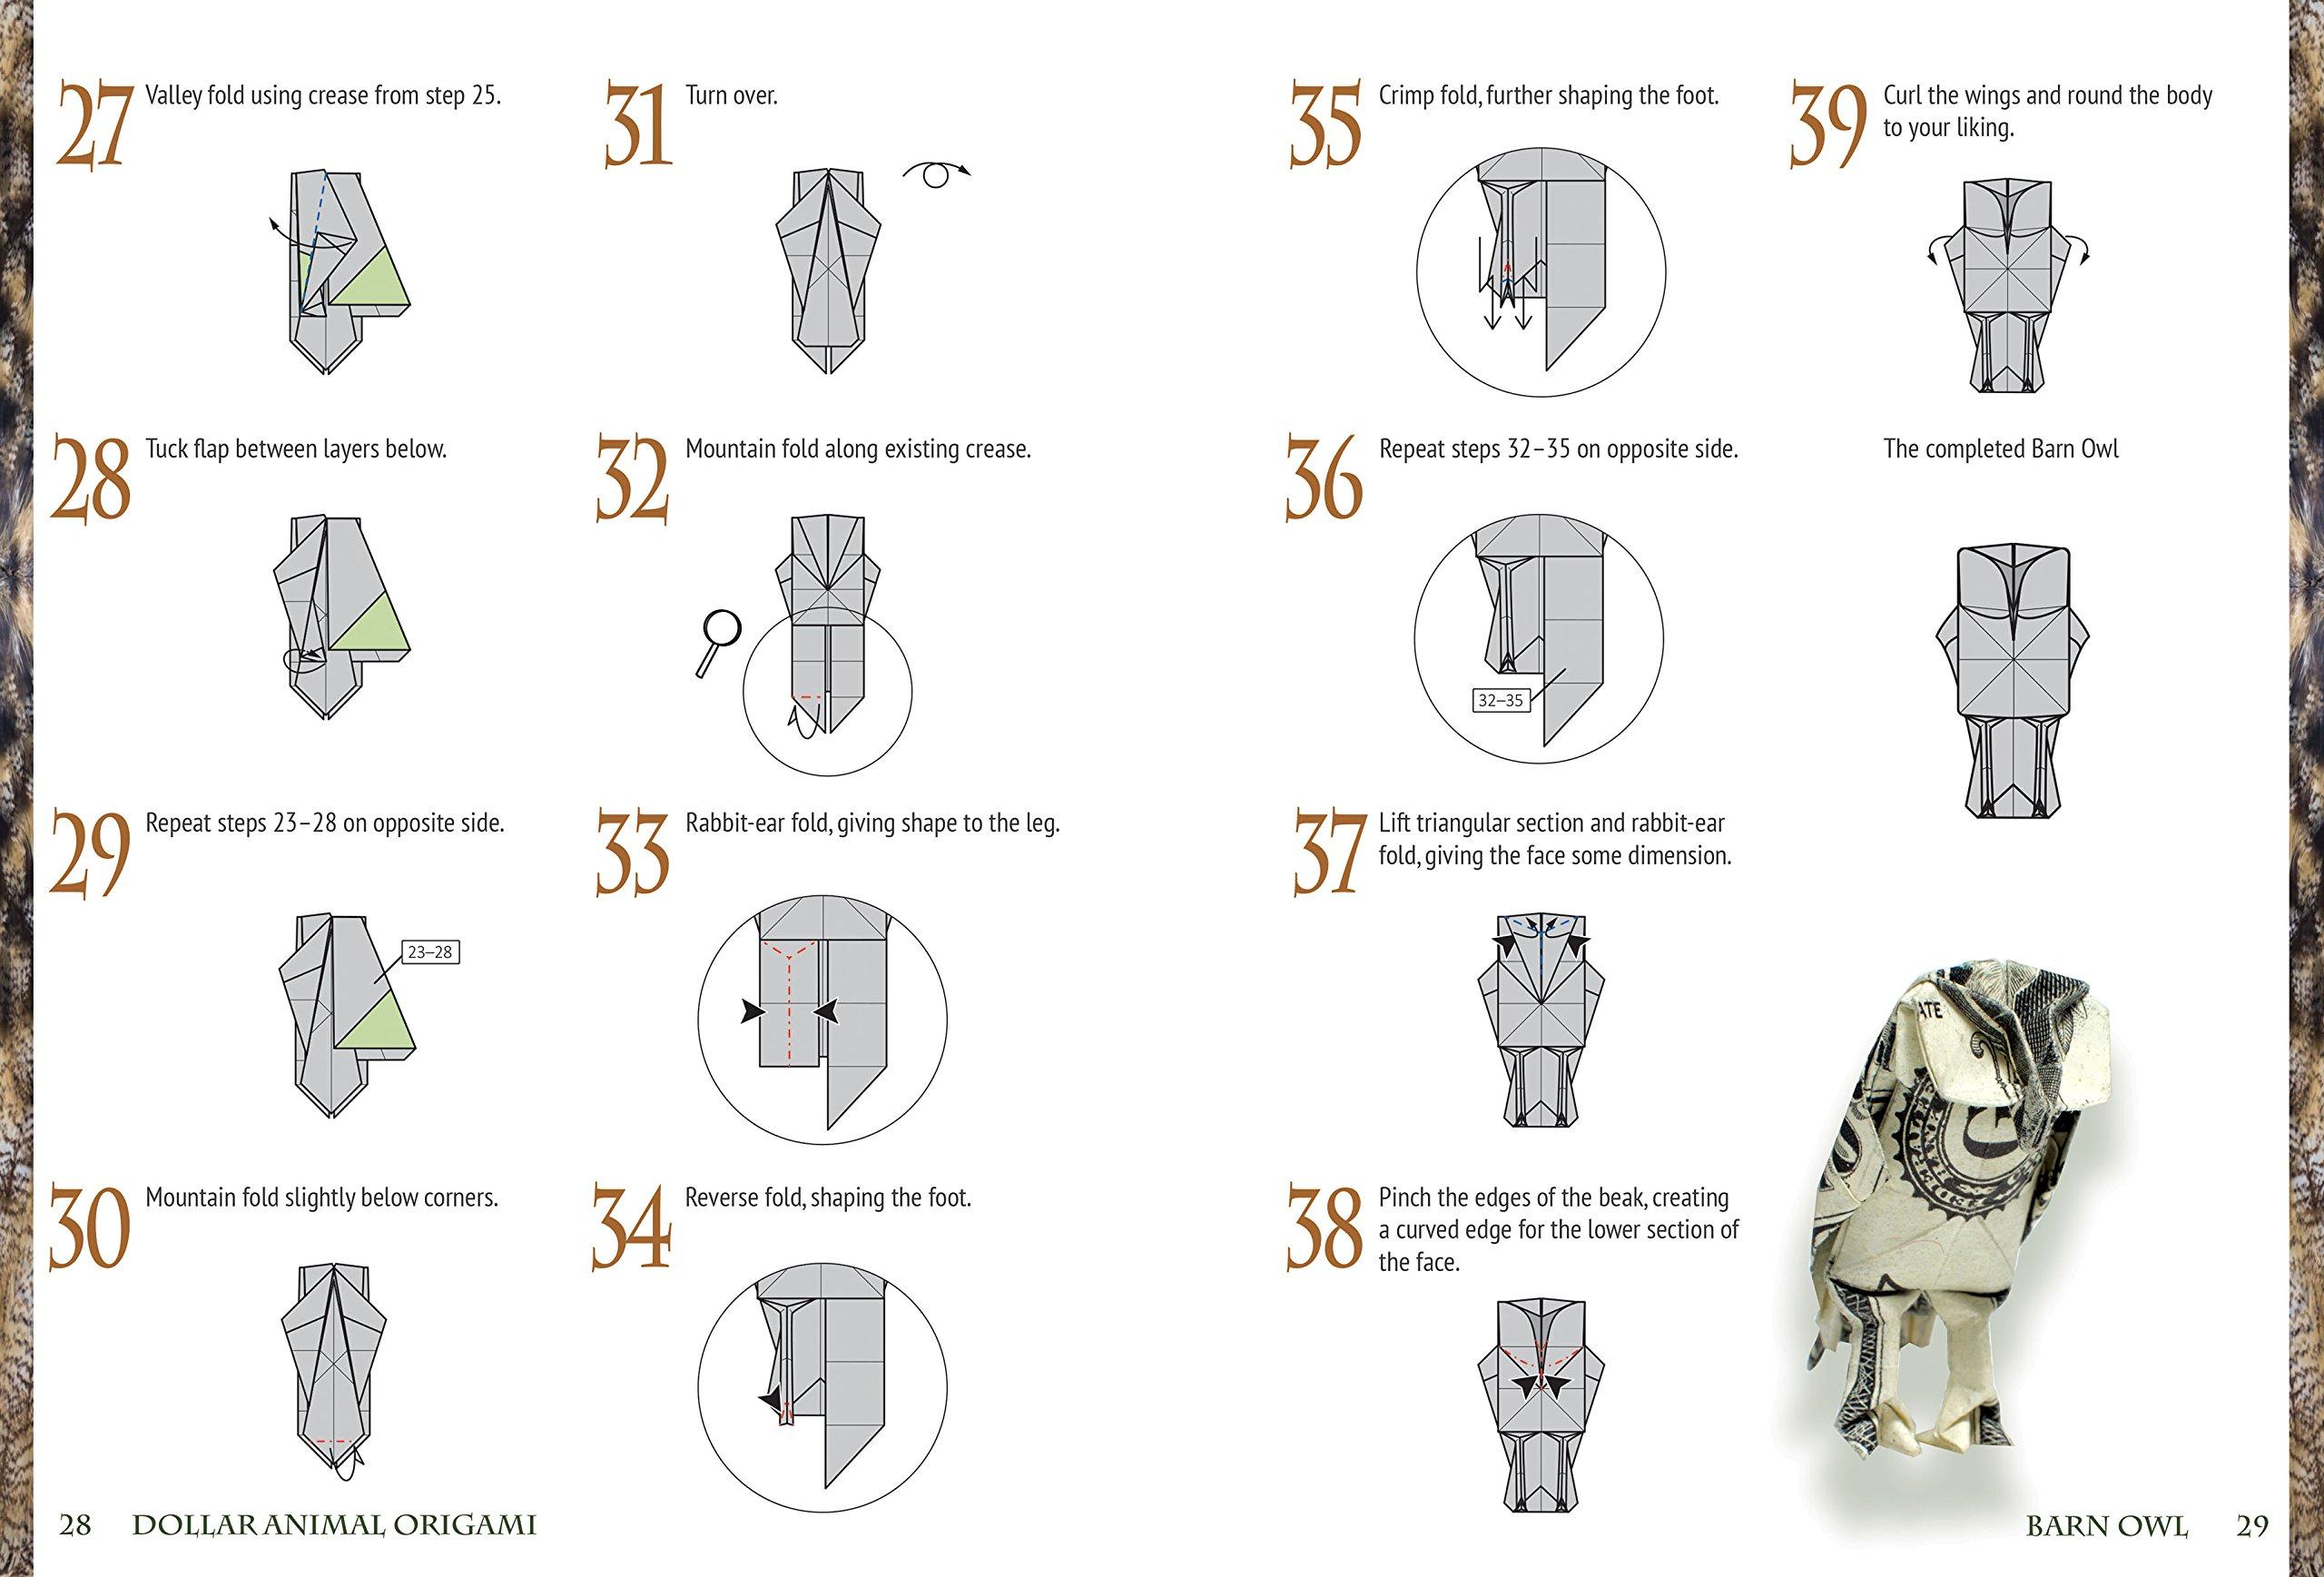 GIRAFFE Money Origami Art Dollar Bill Animal Cash Sculptors | Etsy | 1737x2560